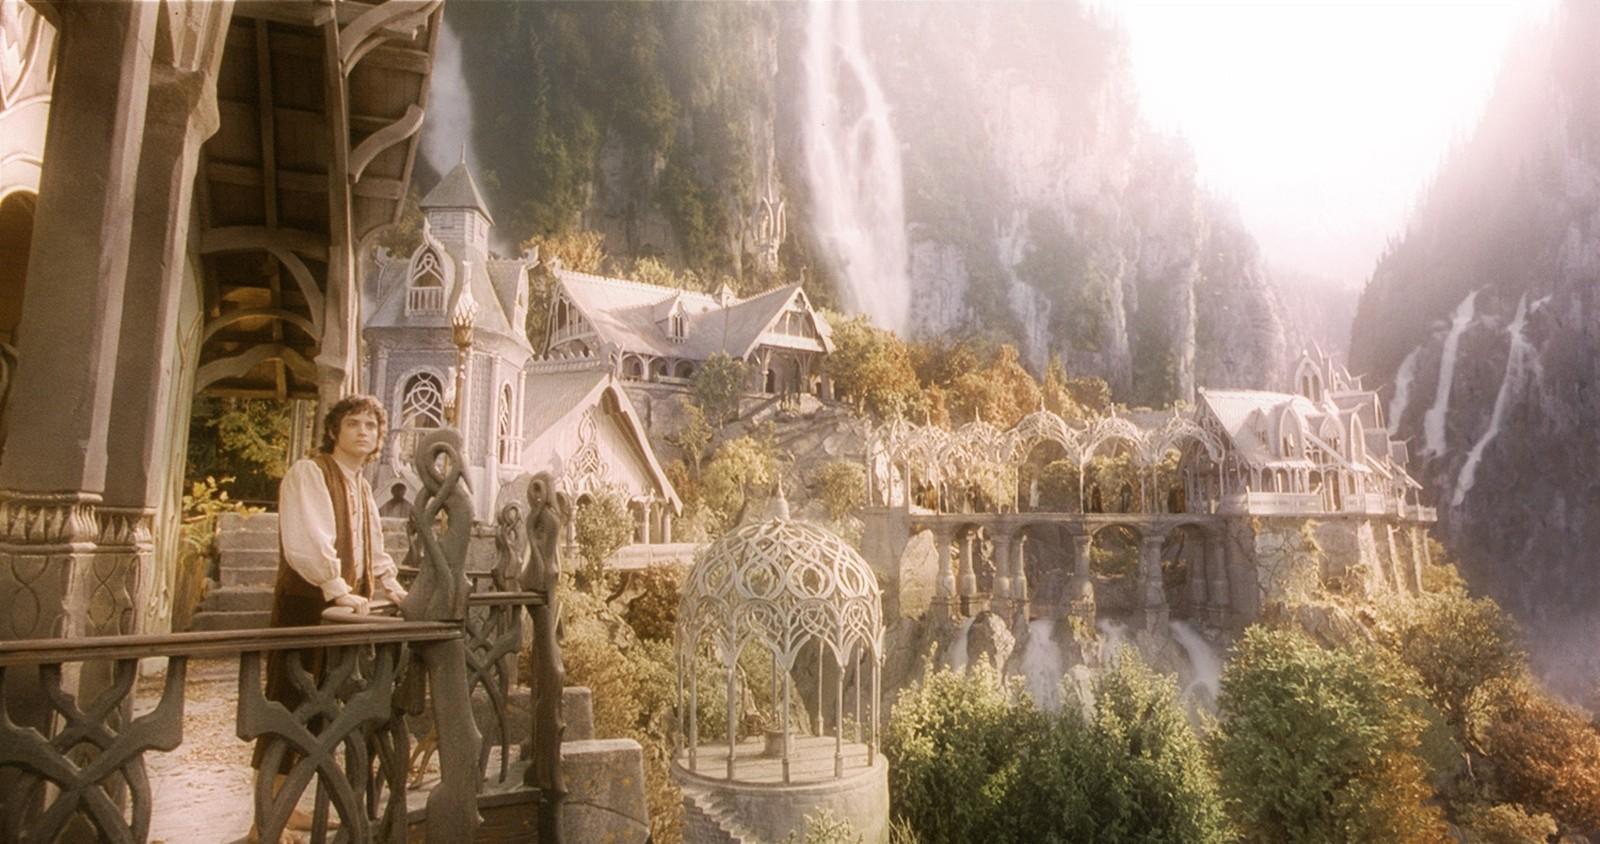 Valfenda dos filmes 'O Senhor dos Anéis' e 'O Hobbit' (Foto: Reprodução)